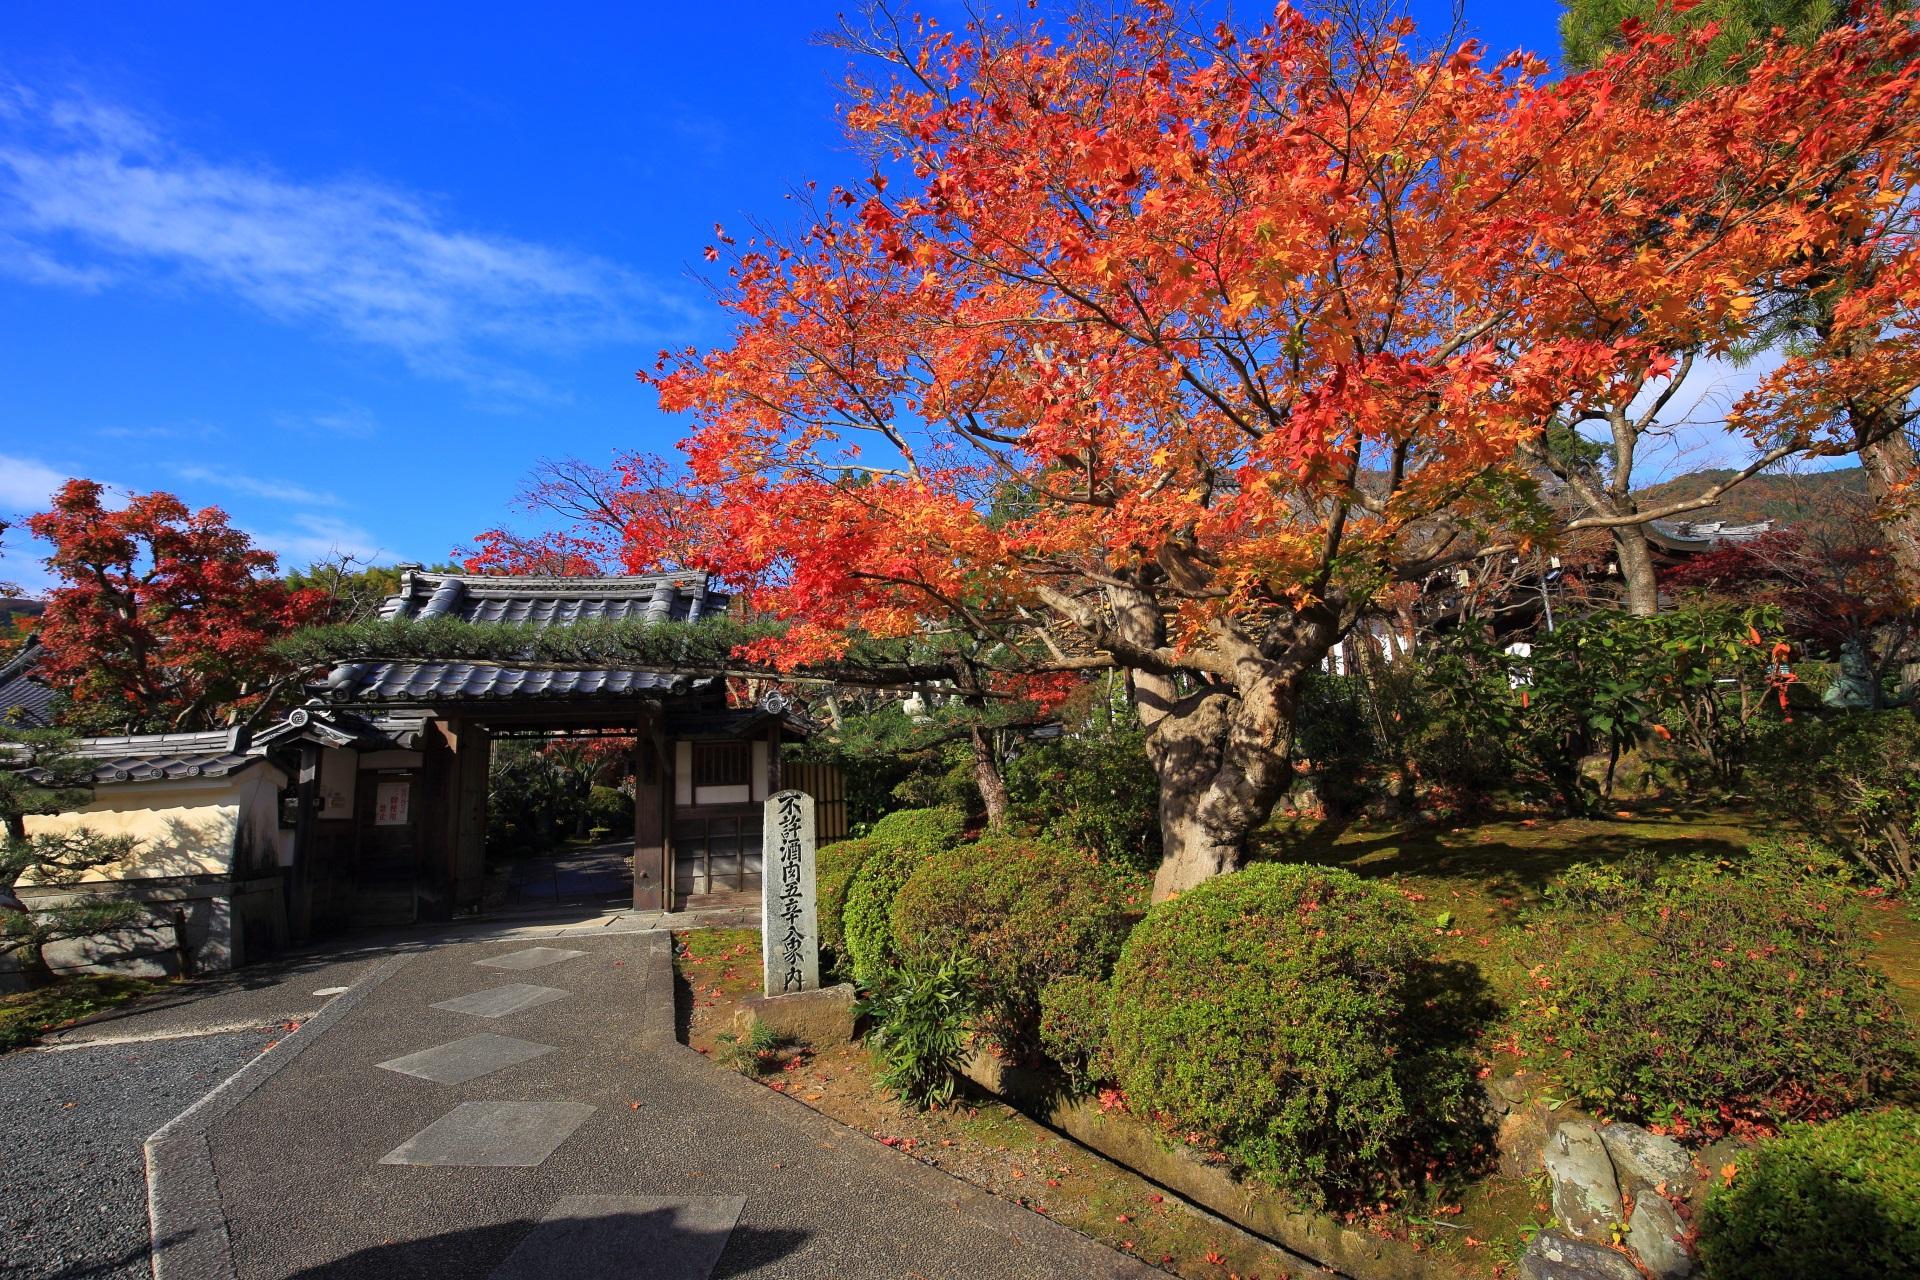 青空の下で華やぐ煌びやかな紅葉と正法寺の山門